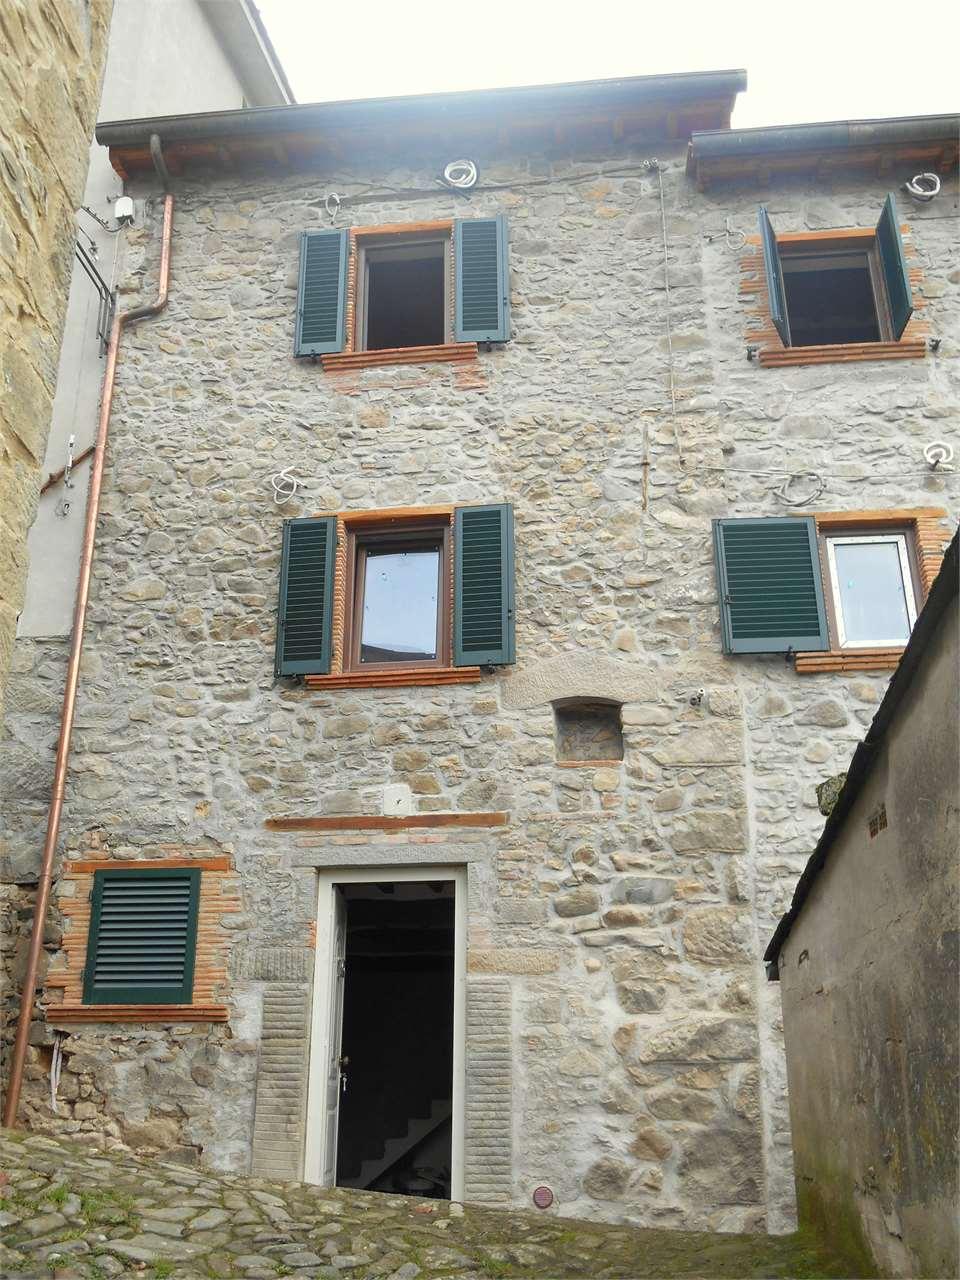 Rustico / Casale in vendita a Borgo a Mozzano, 6 locali, prezzo € 130.000 | Cambio Casa.it